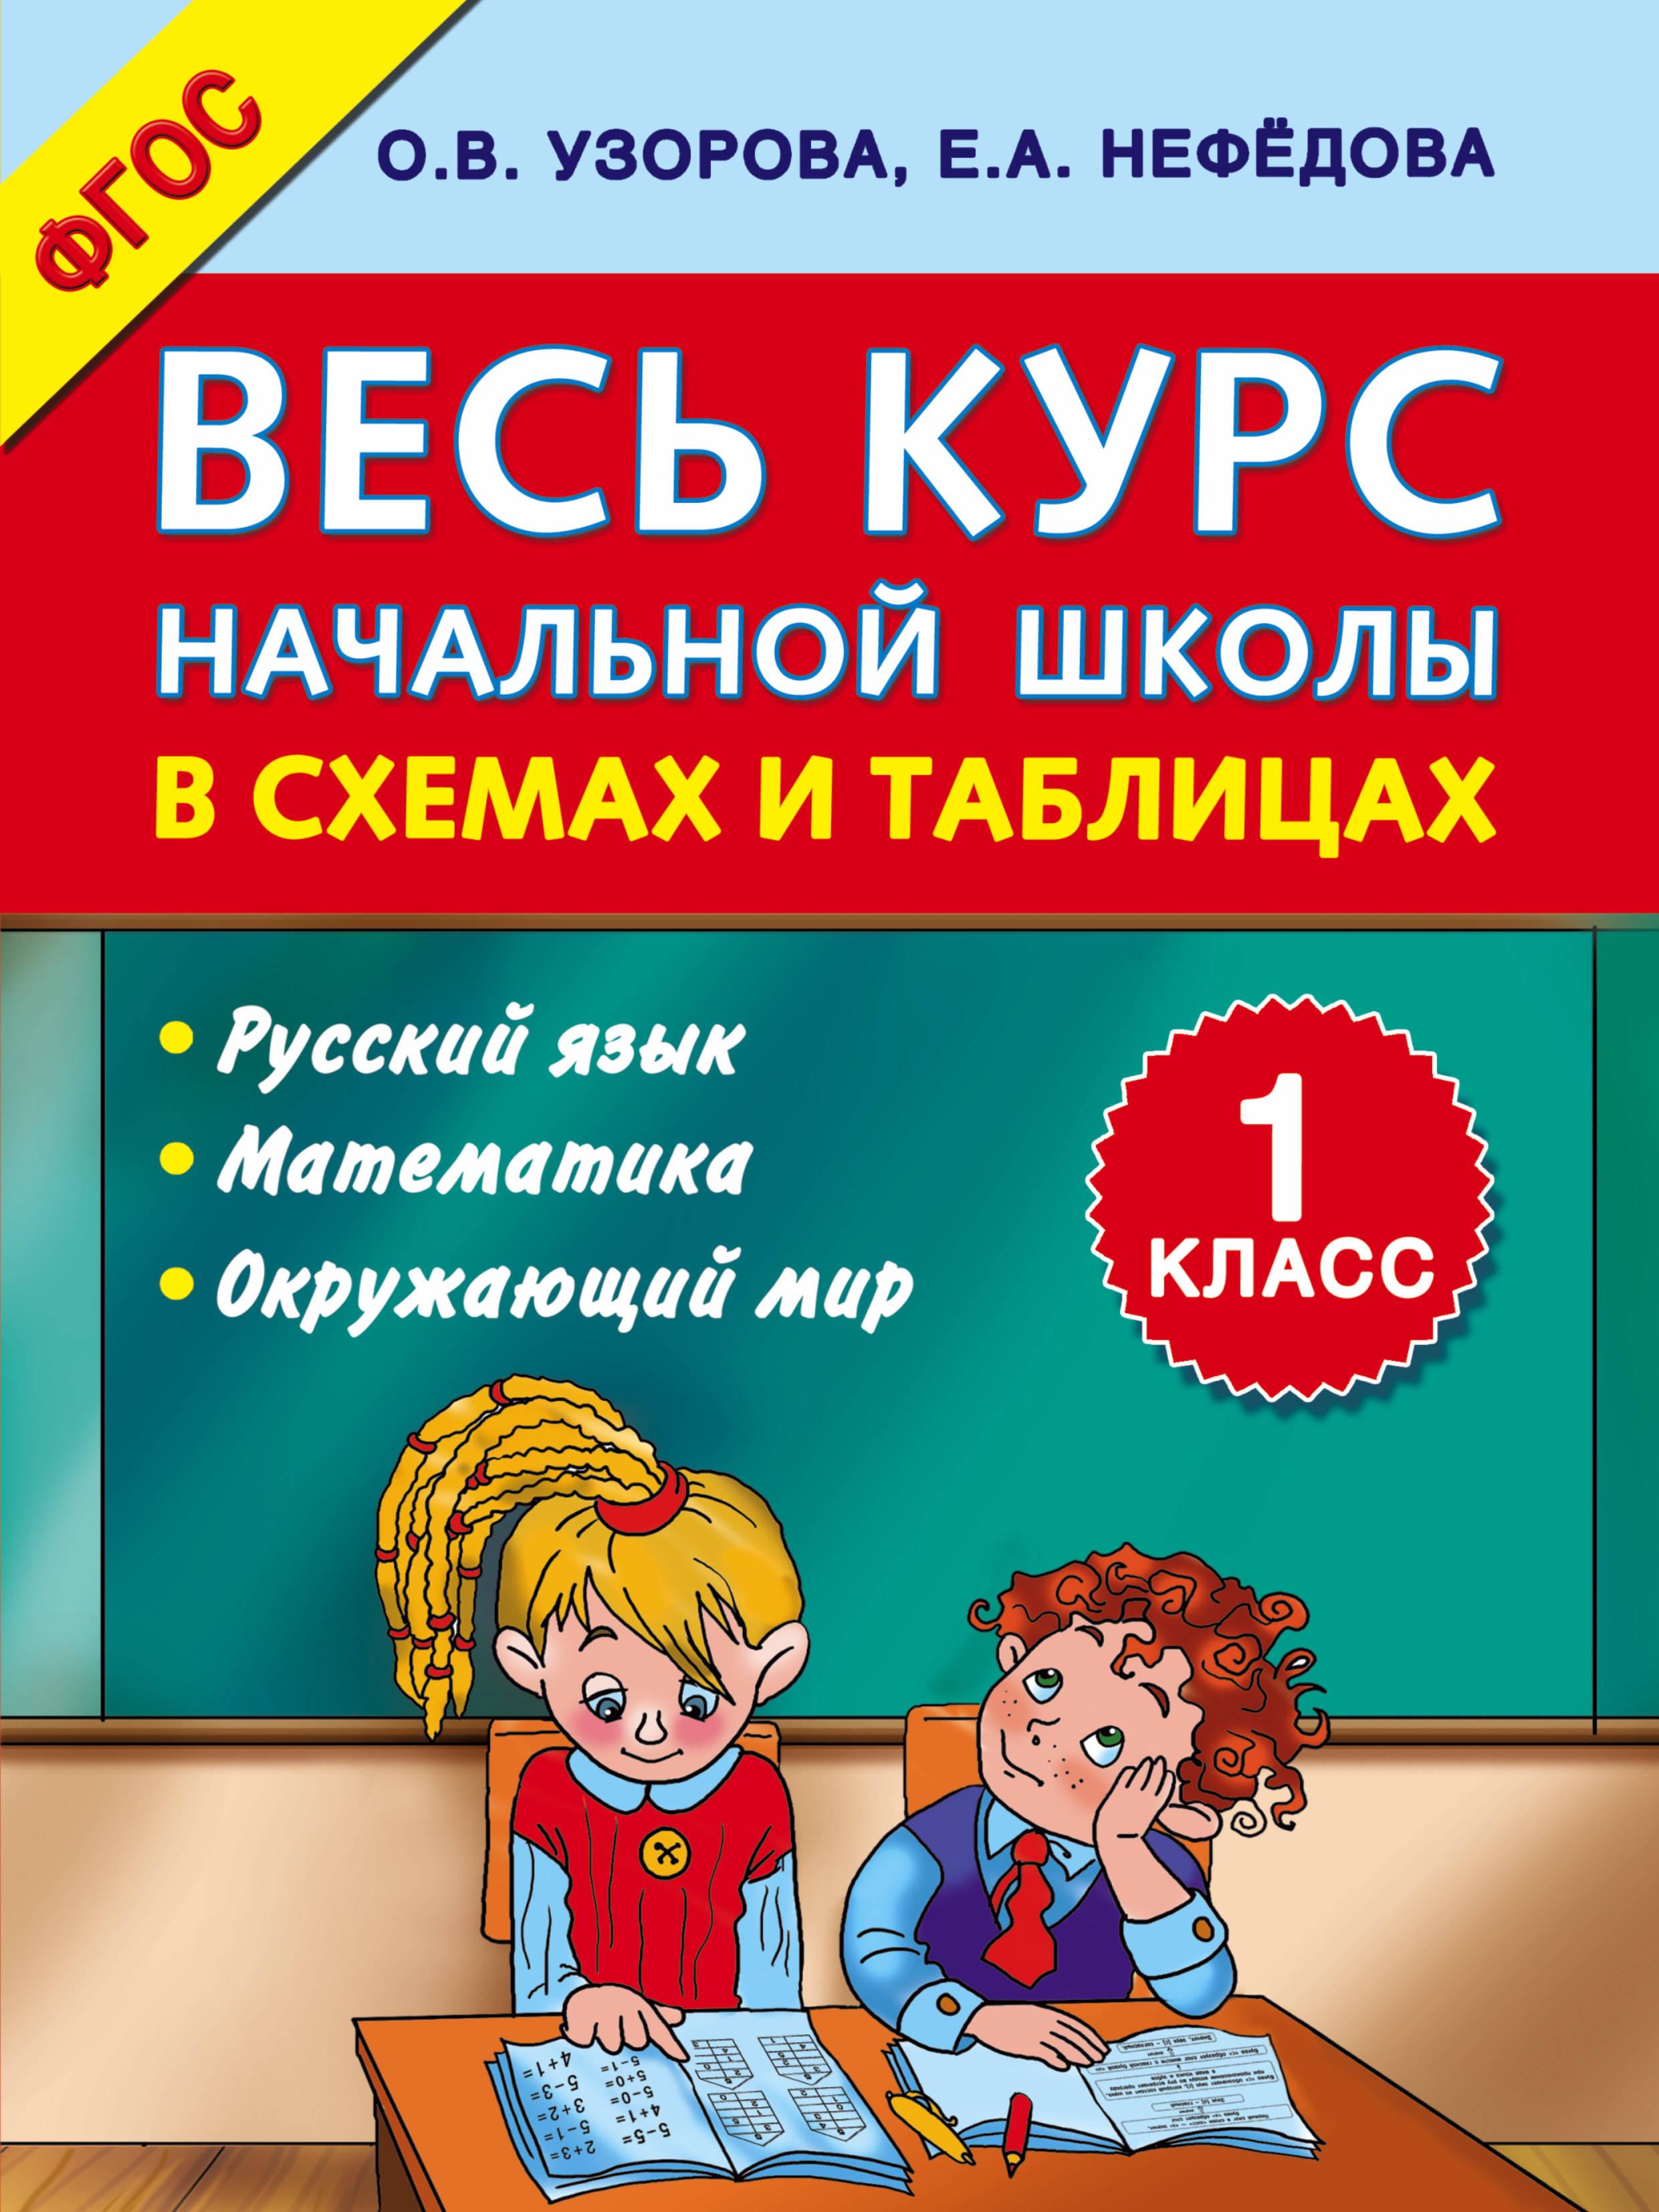 Весь курс начальной школы в схемах и таблицах 1 класс